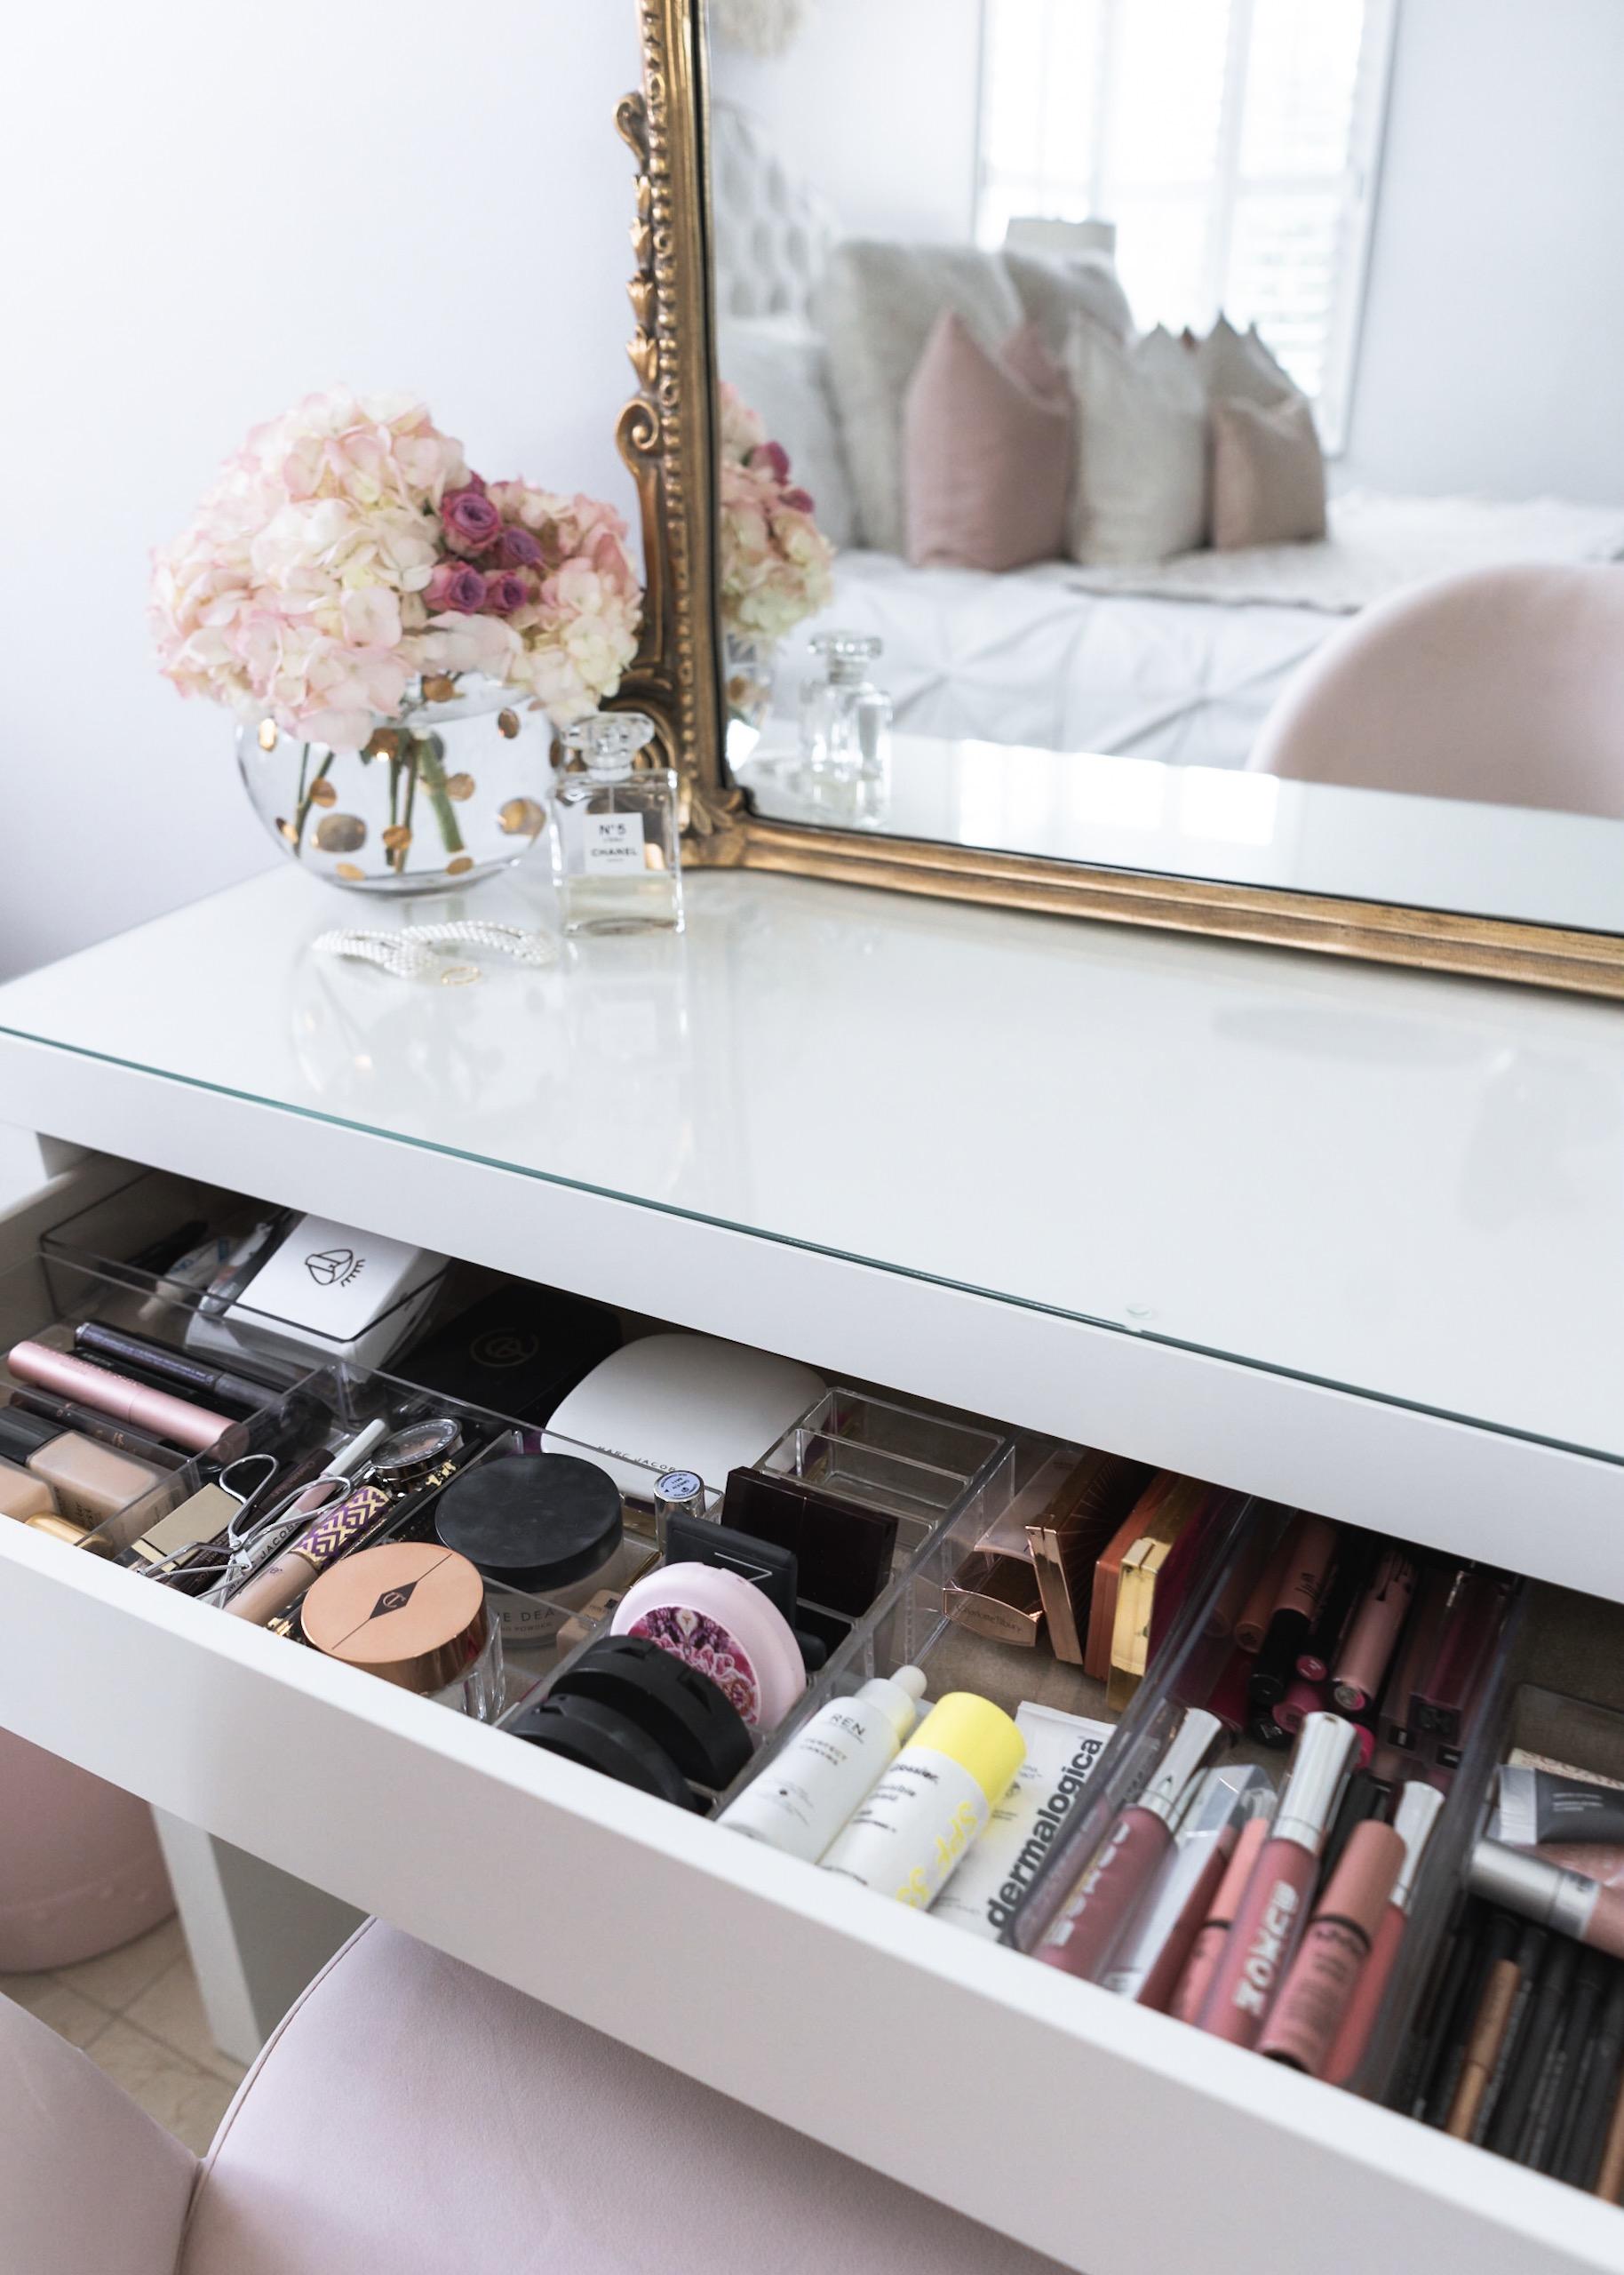 How I Organize My Makeup Bedroom